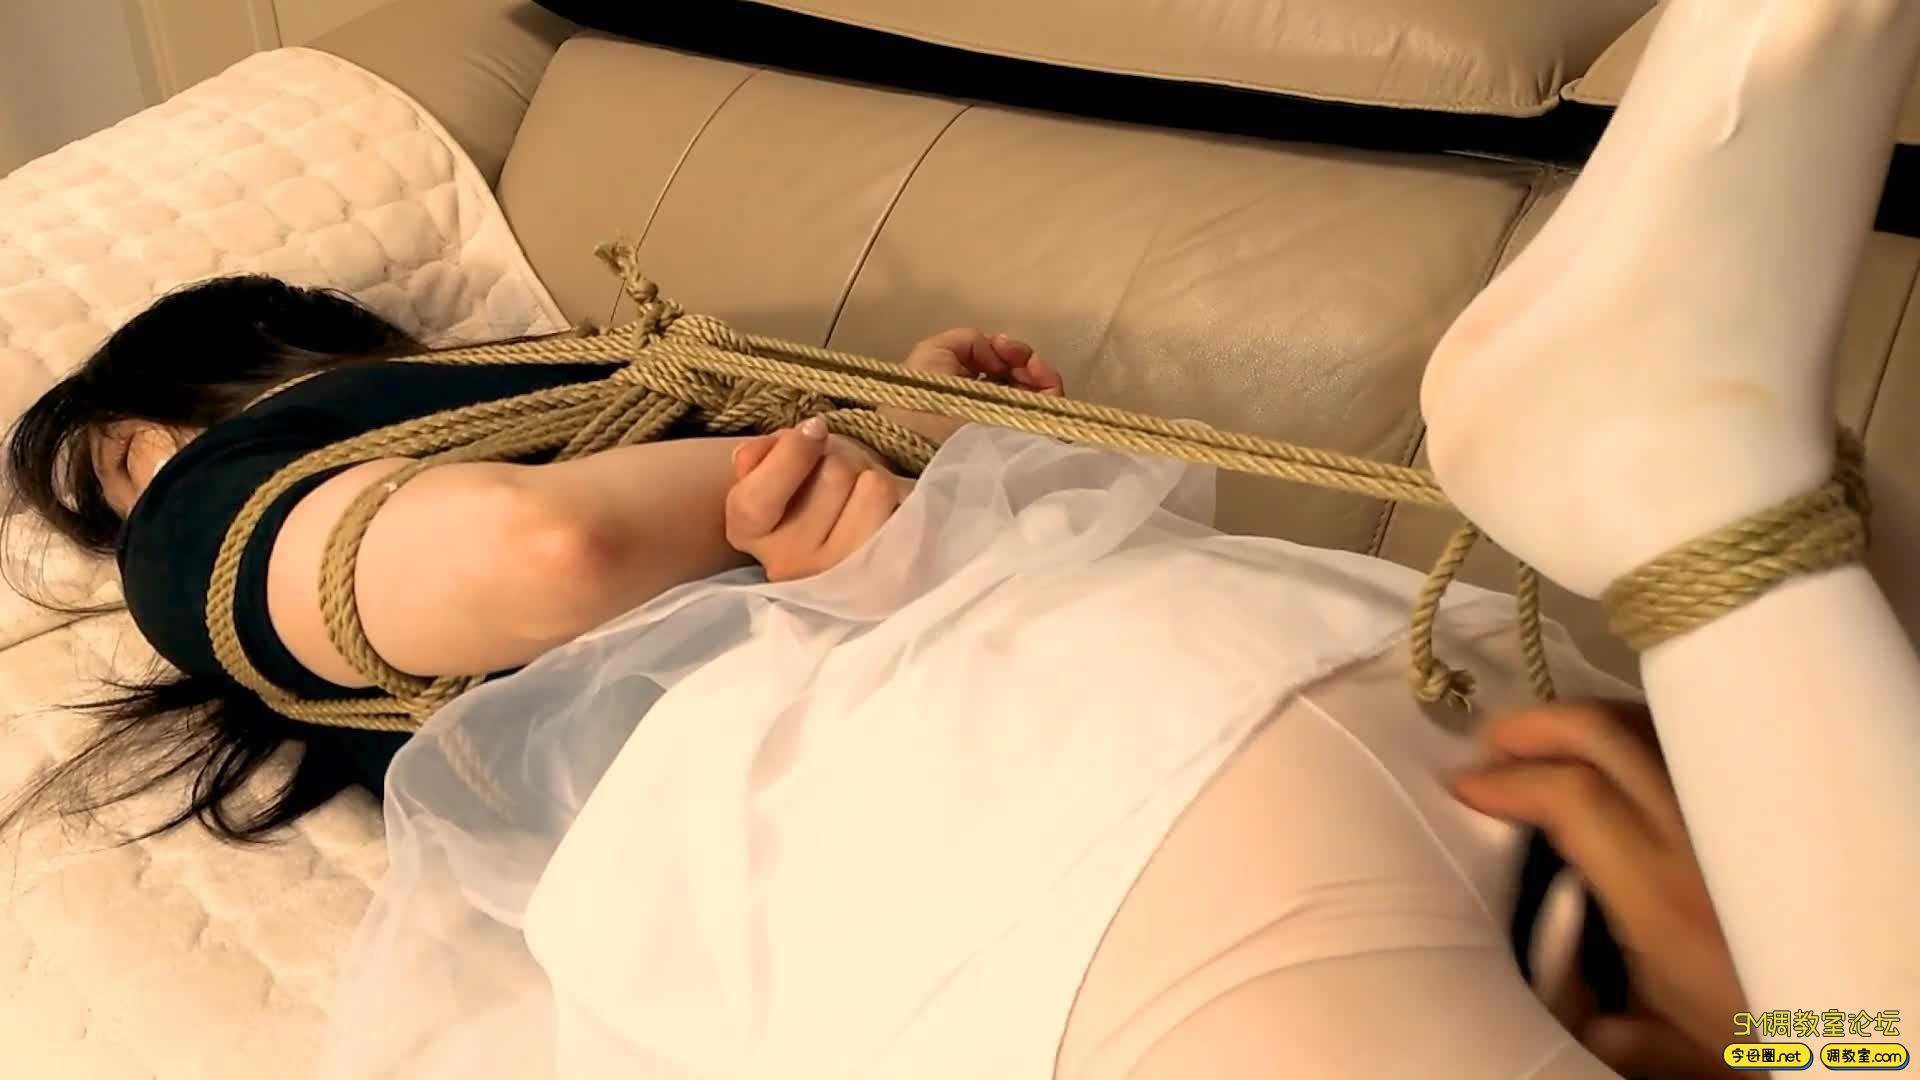 【旋律受虐记】全封闭头套+防毒面具+负压瓶 白丝驷马 M字开腿-视频截图8